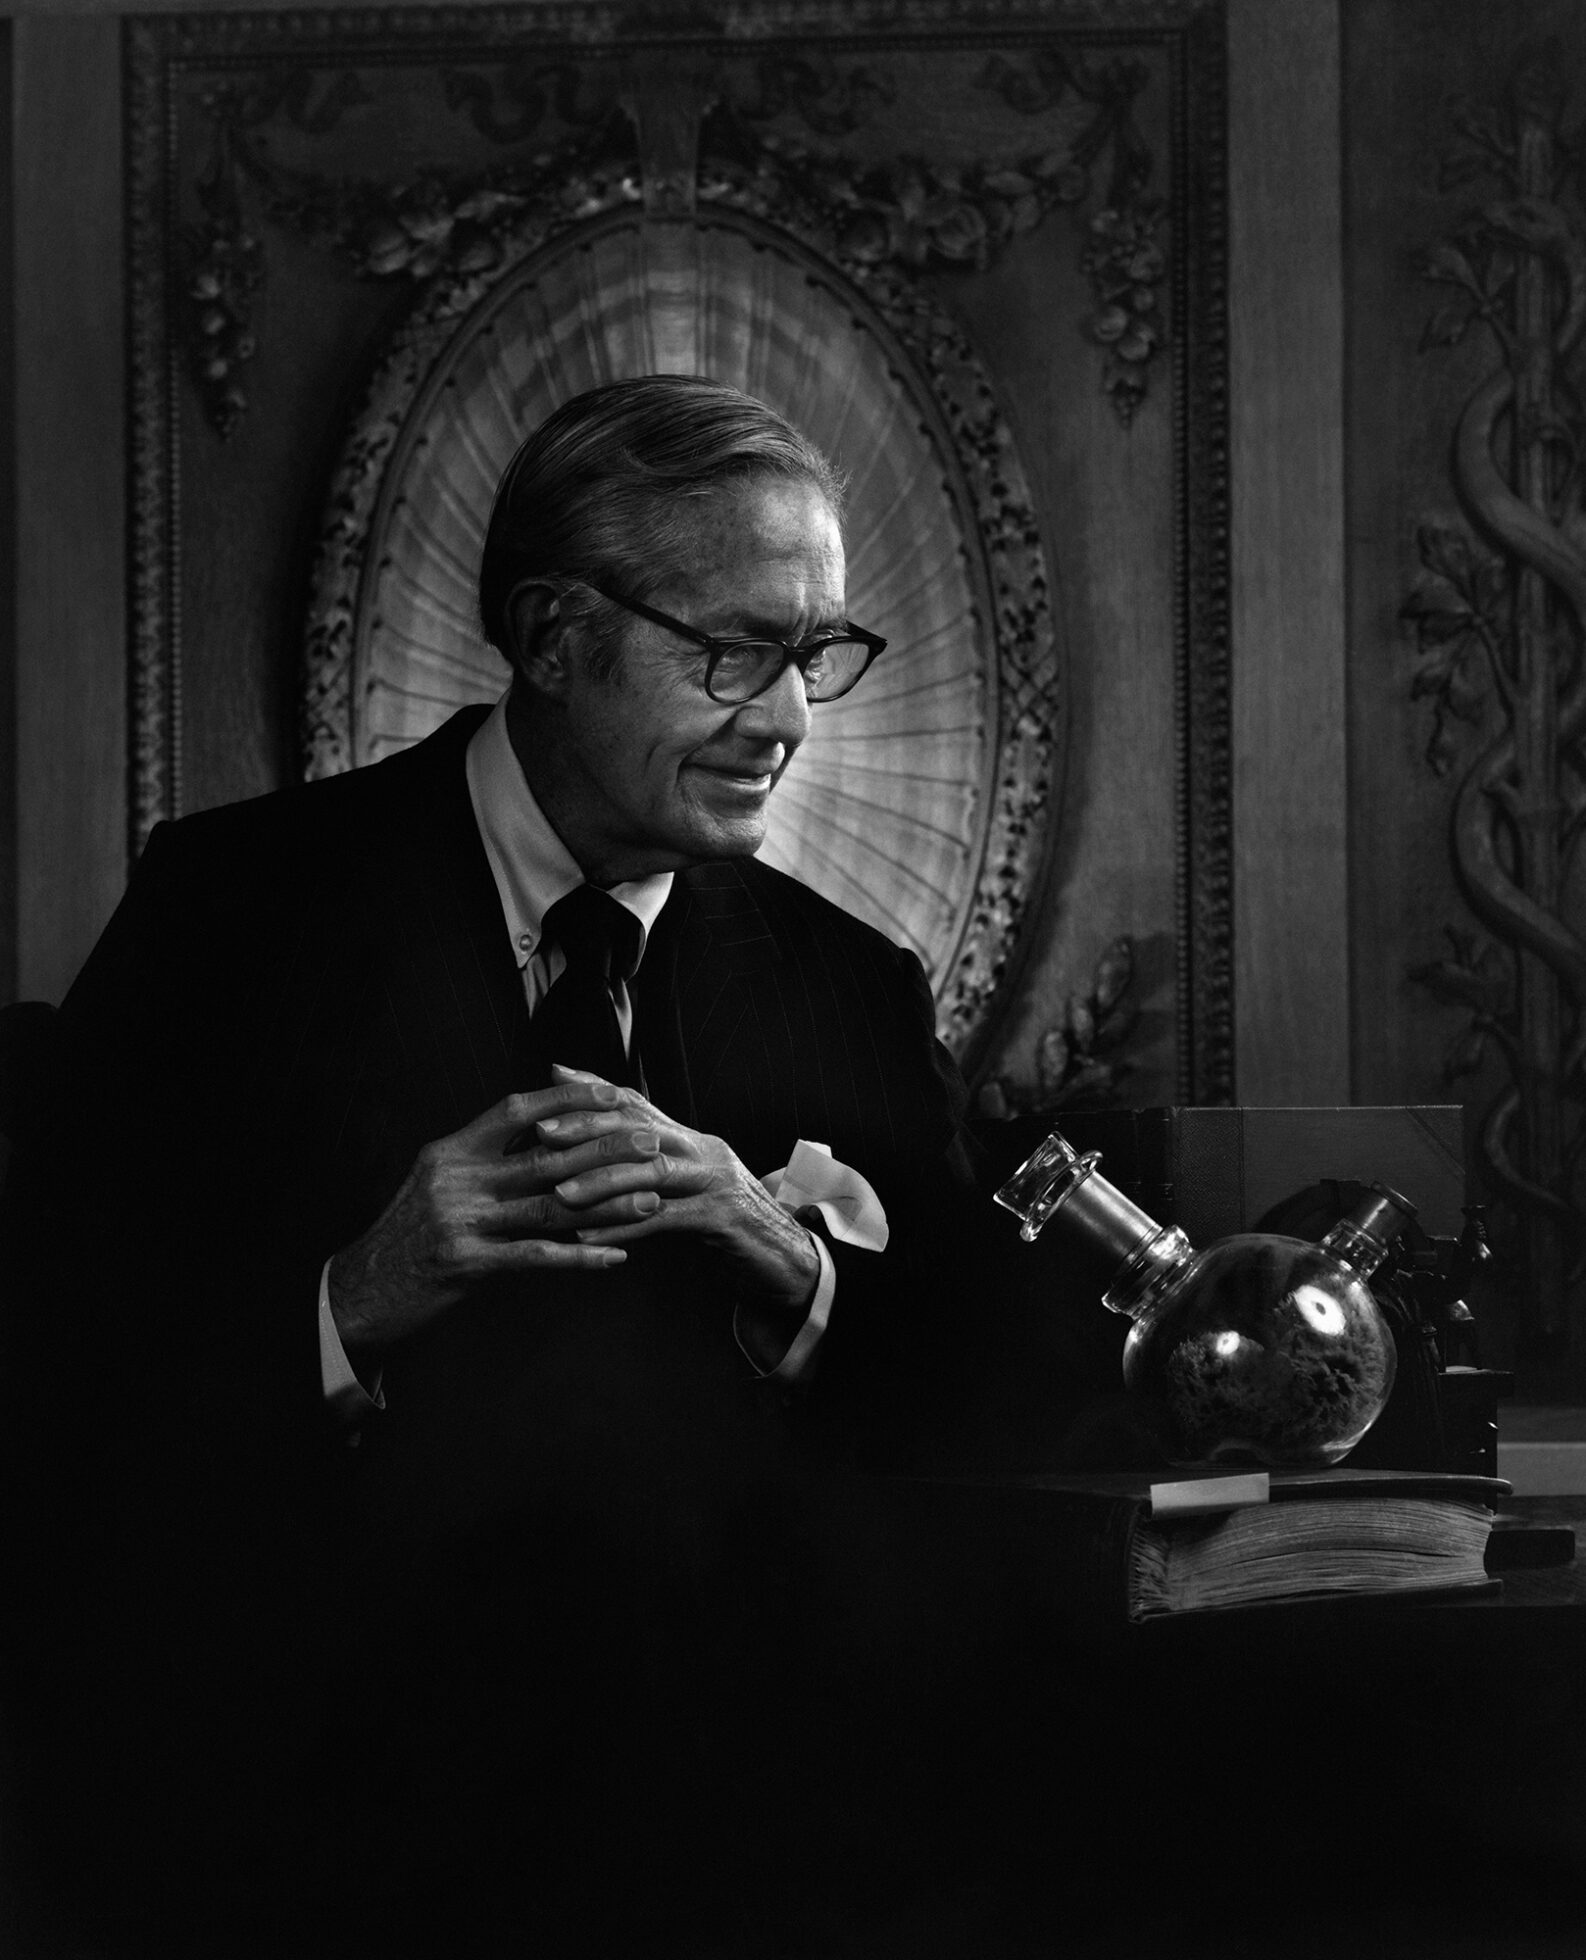 Dr. Henry K. Beecher